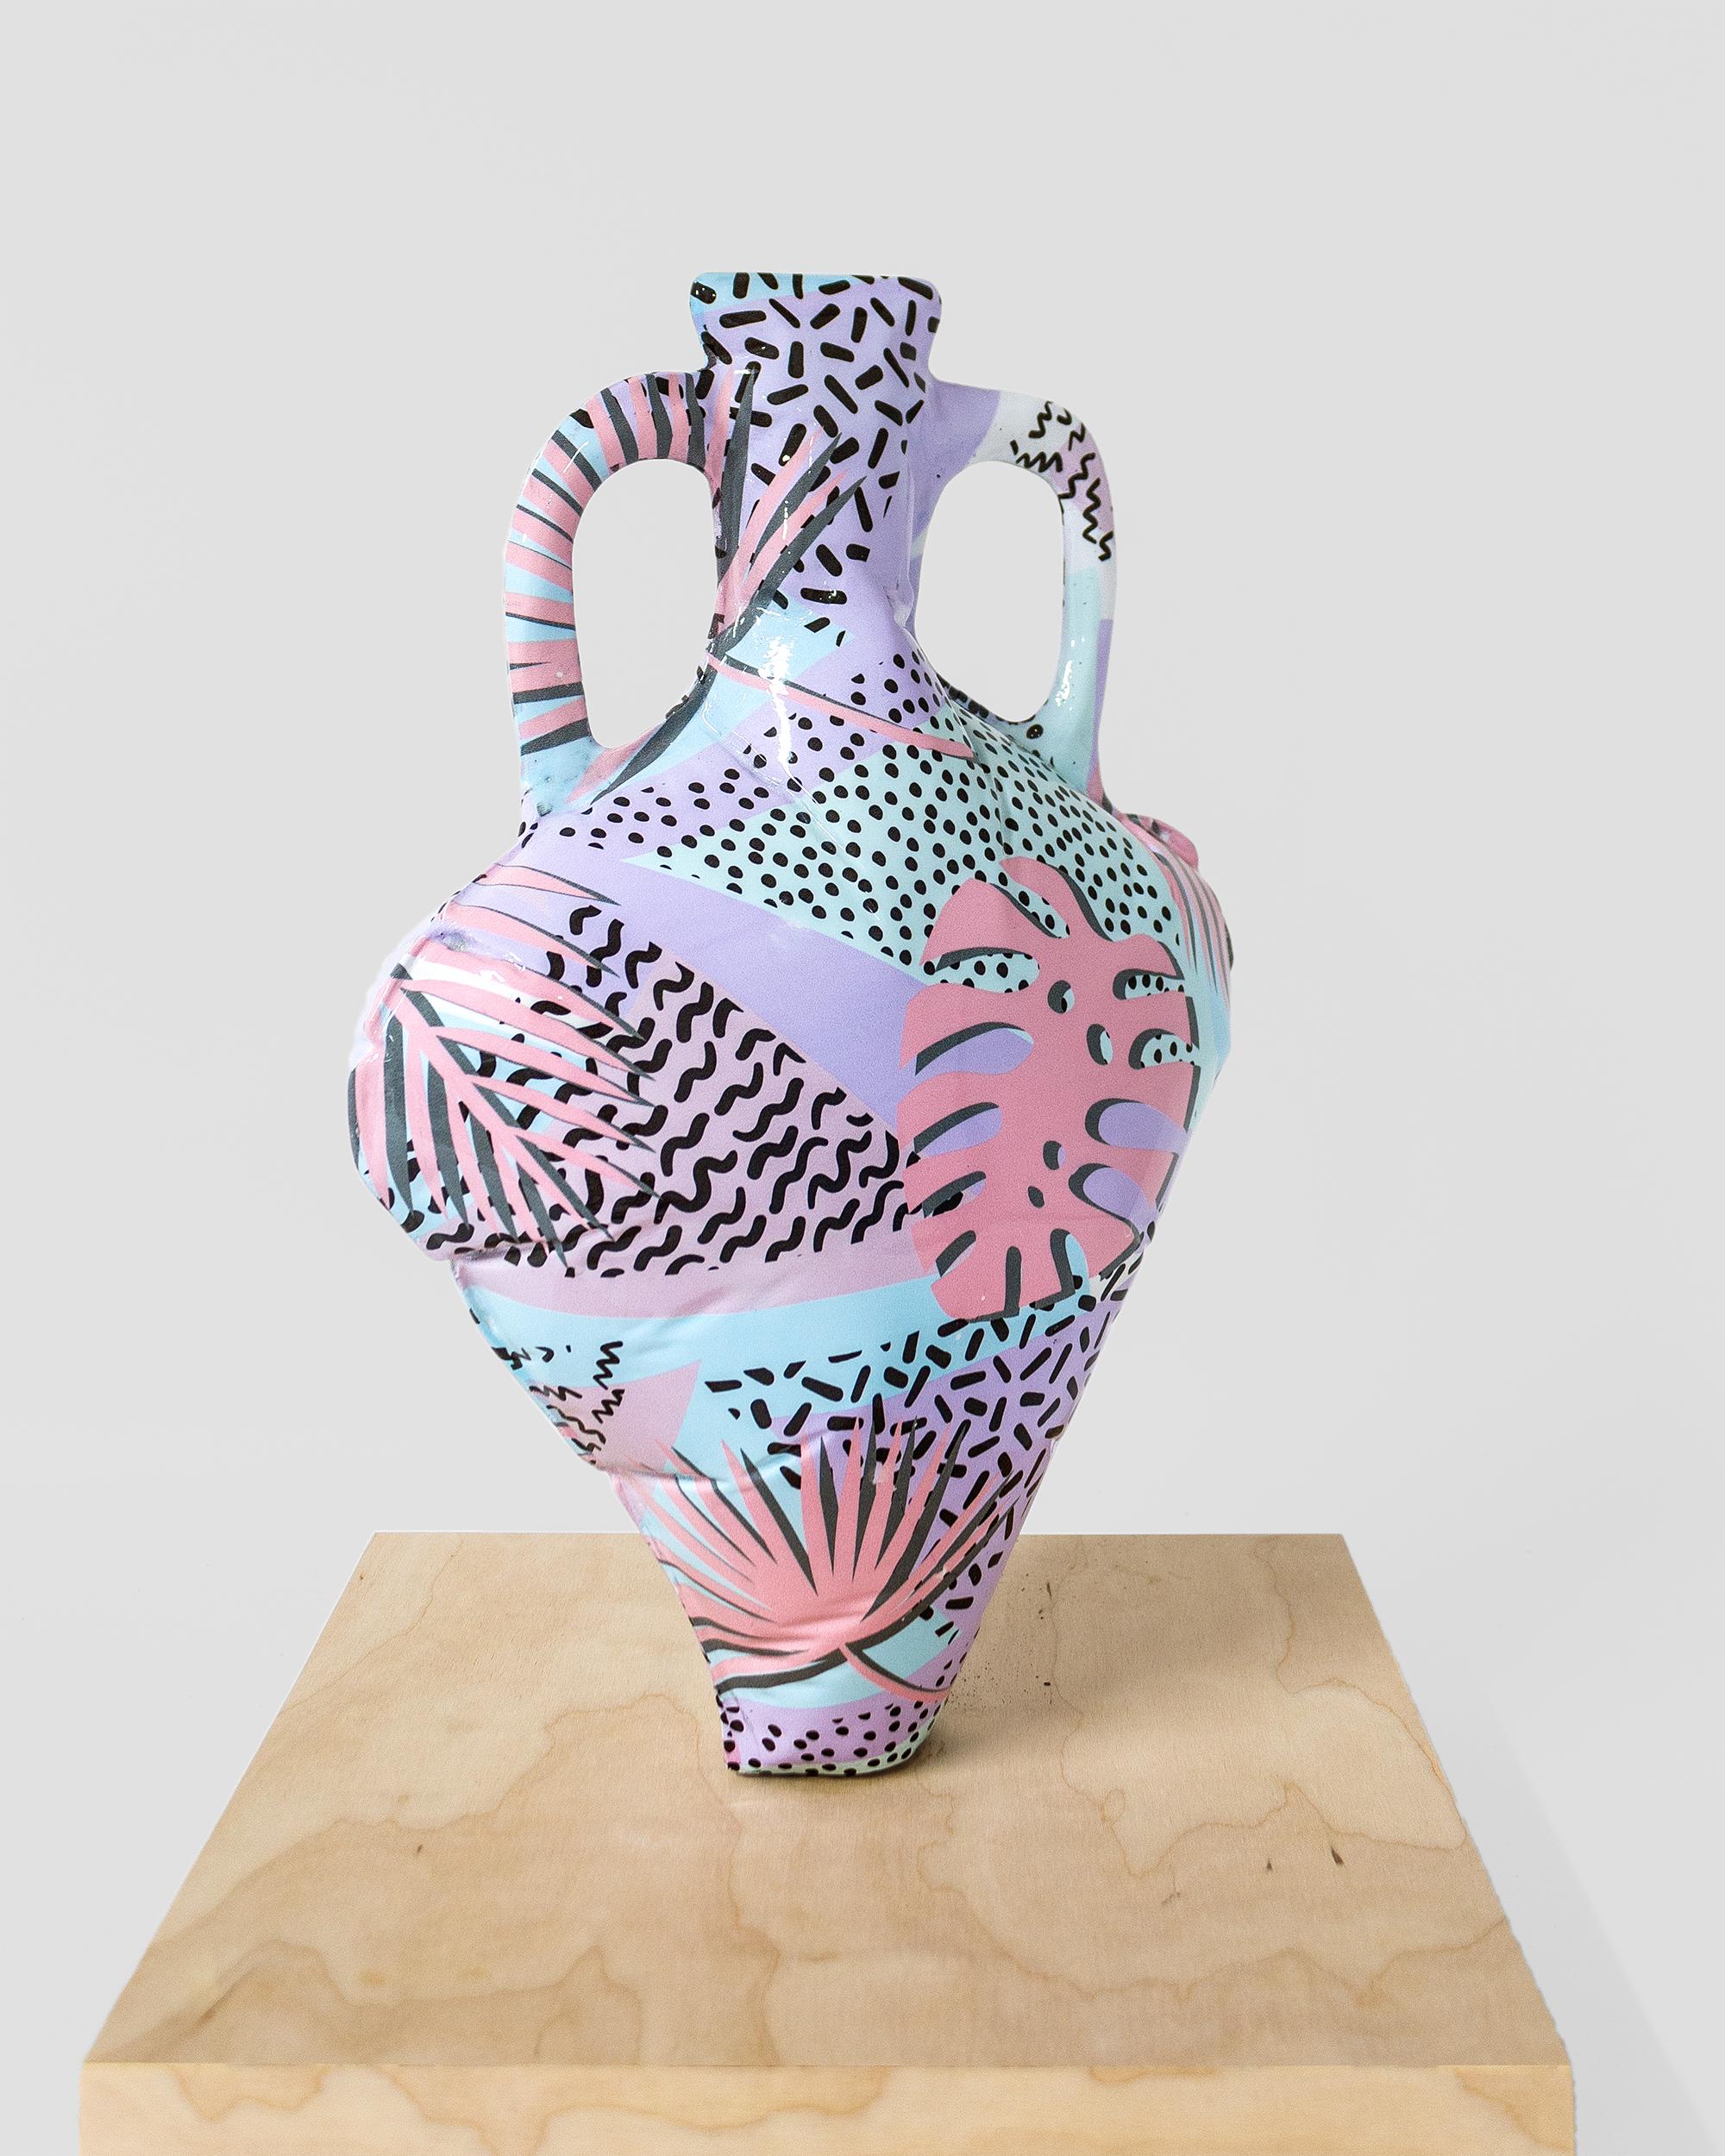 AdamParkerSmith_Sculpture1_Side2.jpg